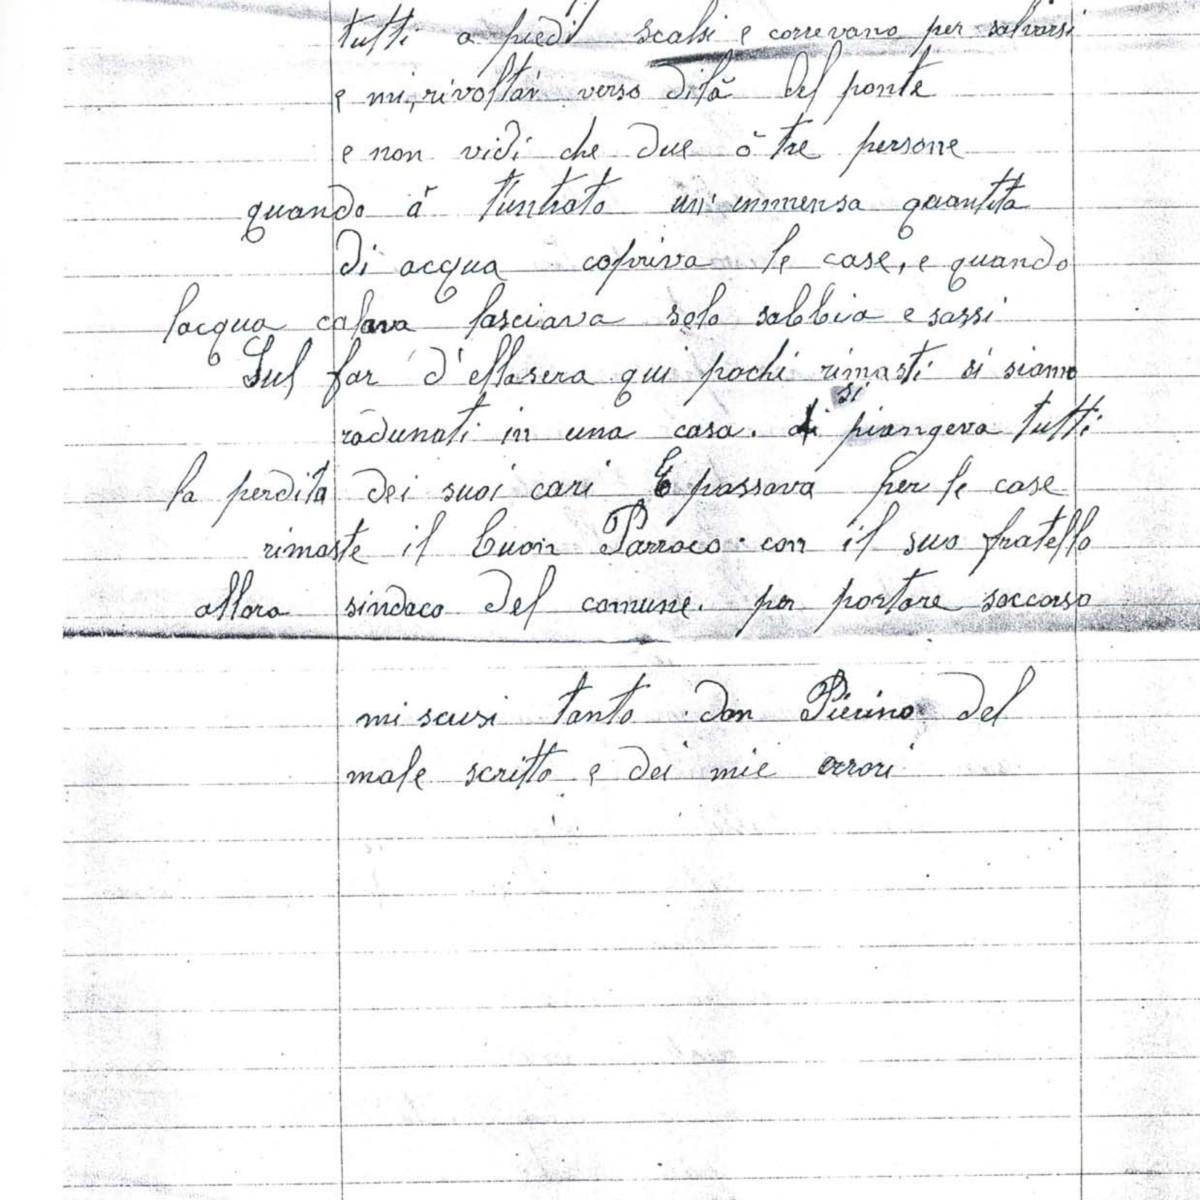 Lettera di Bettineschi Caterina_02